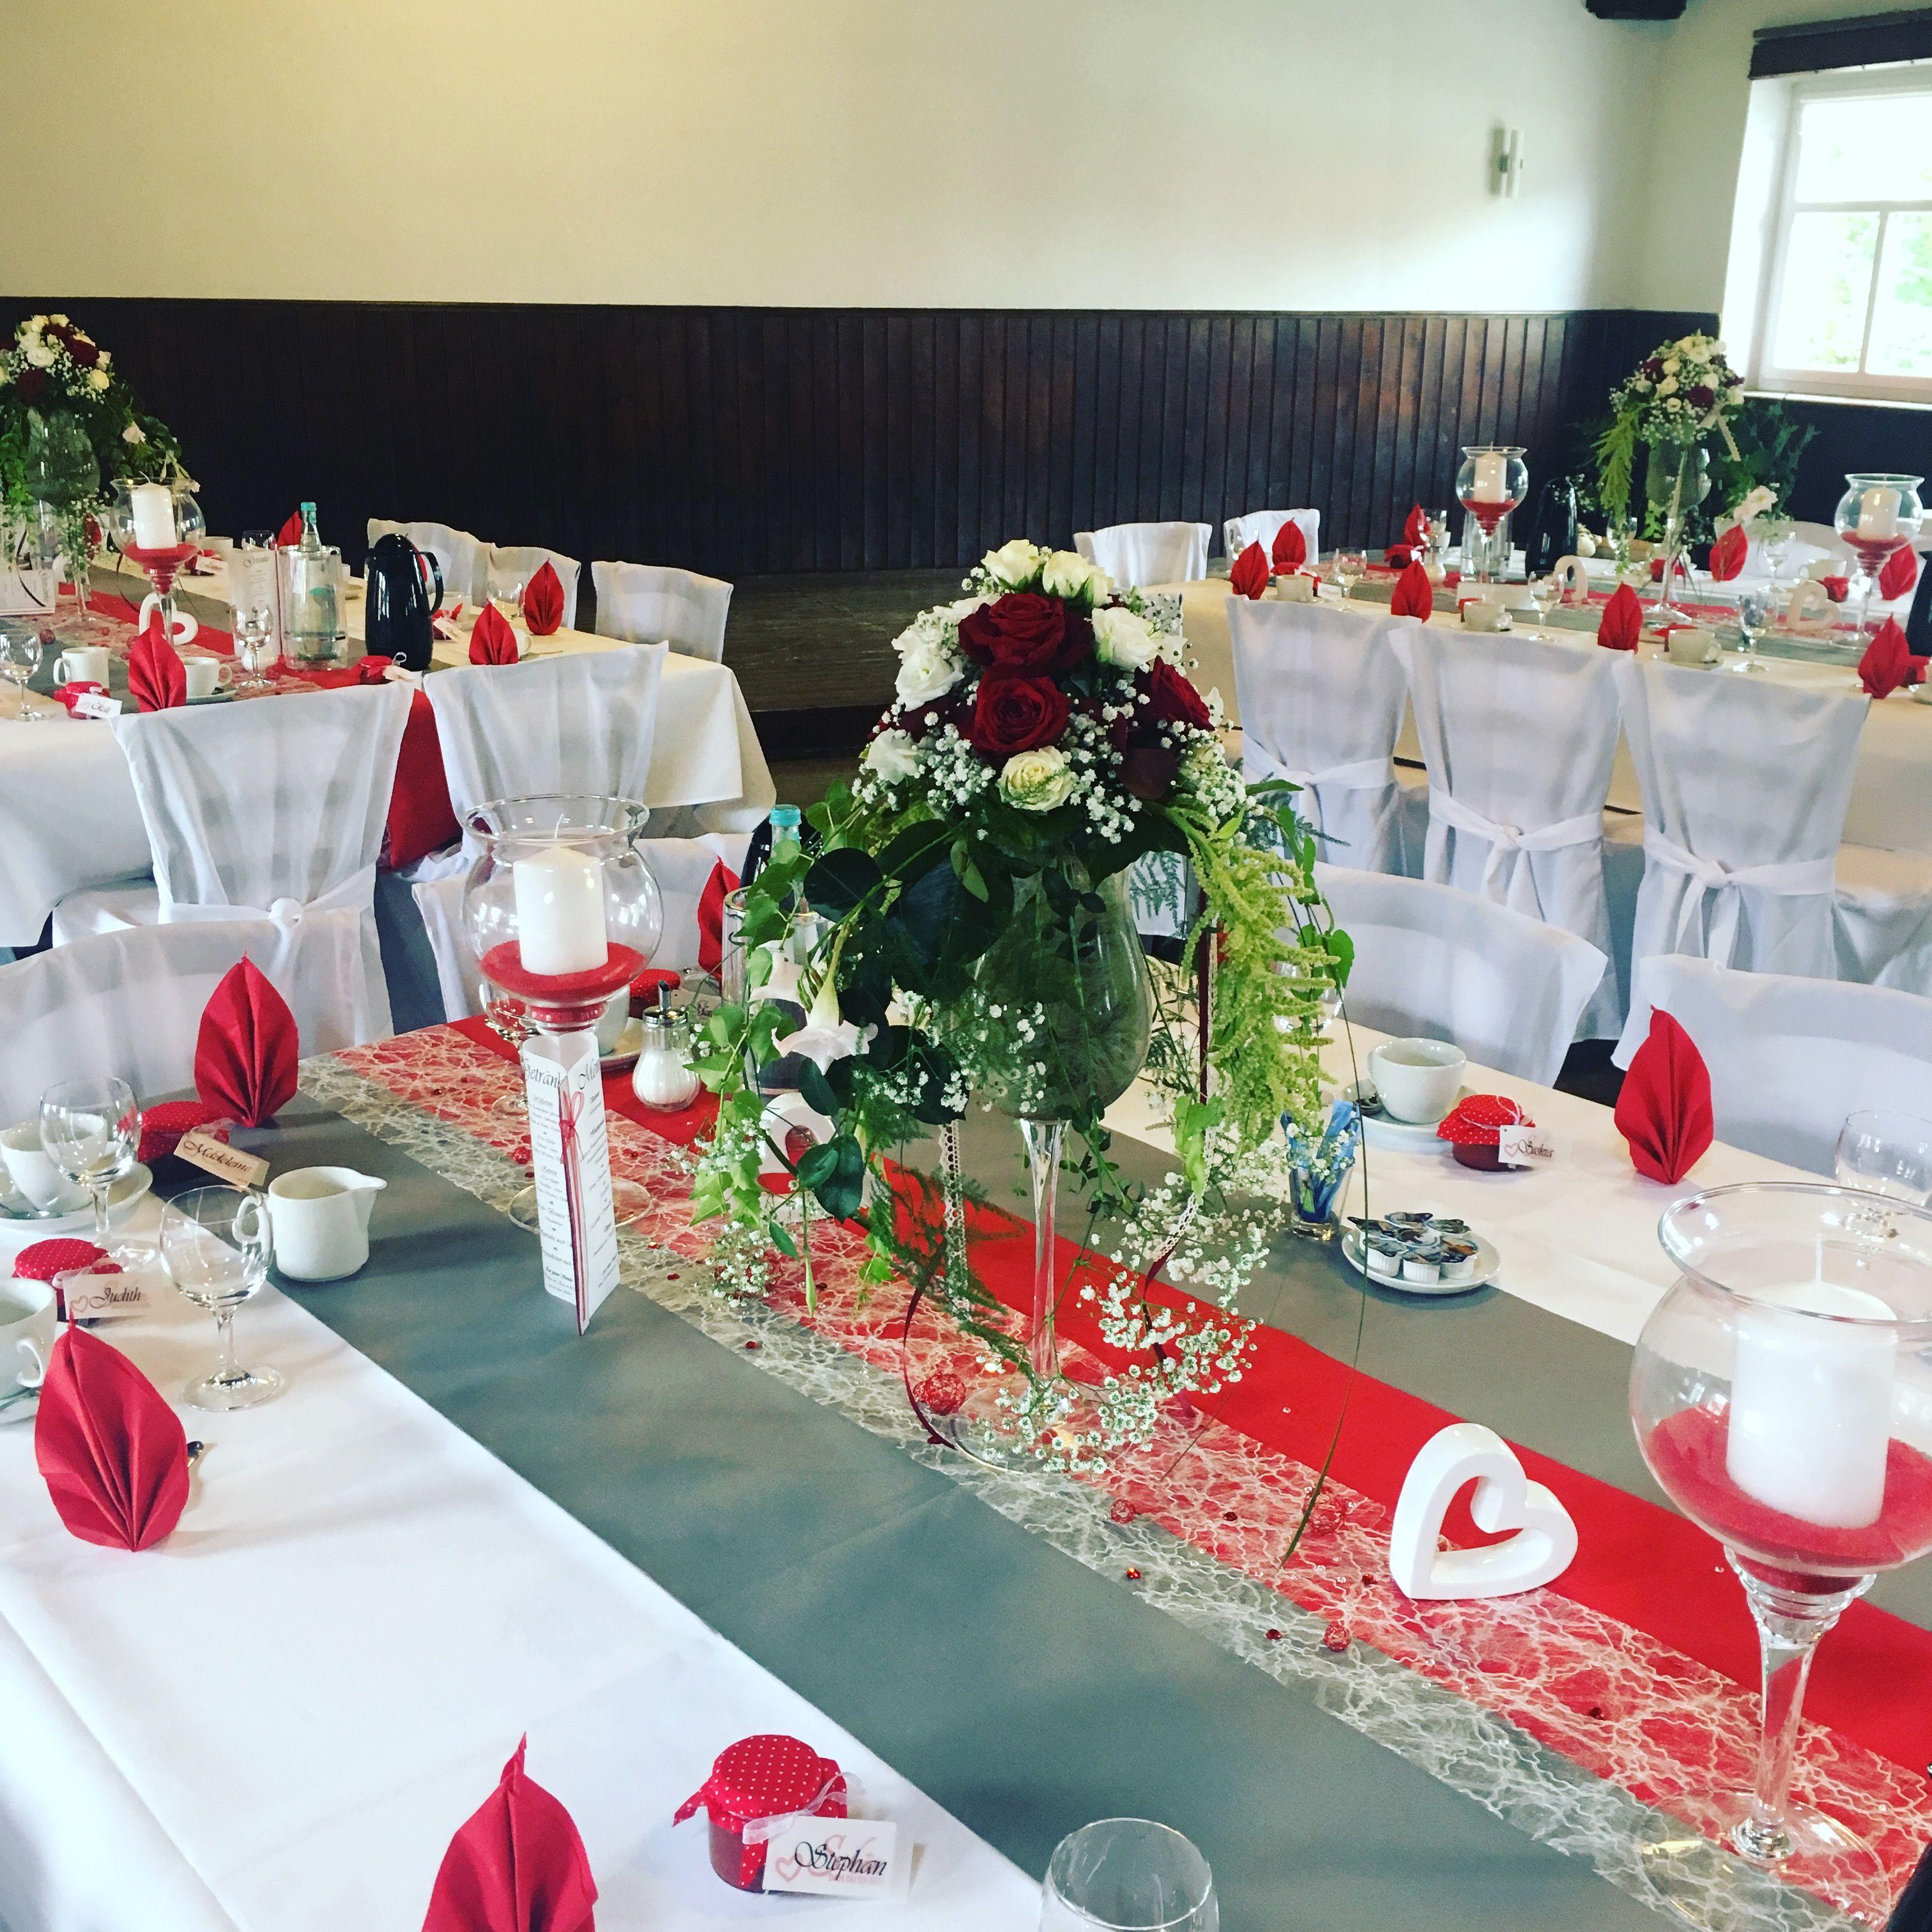 Dekoration in rot und weiß | Hochzeit deko tisch